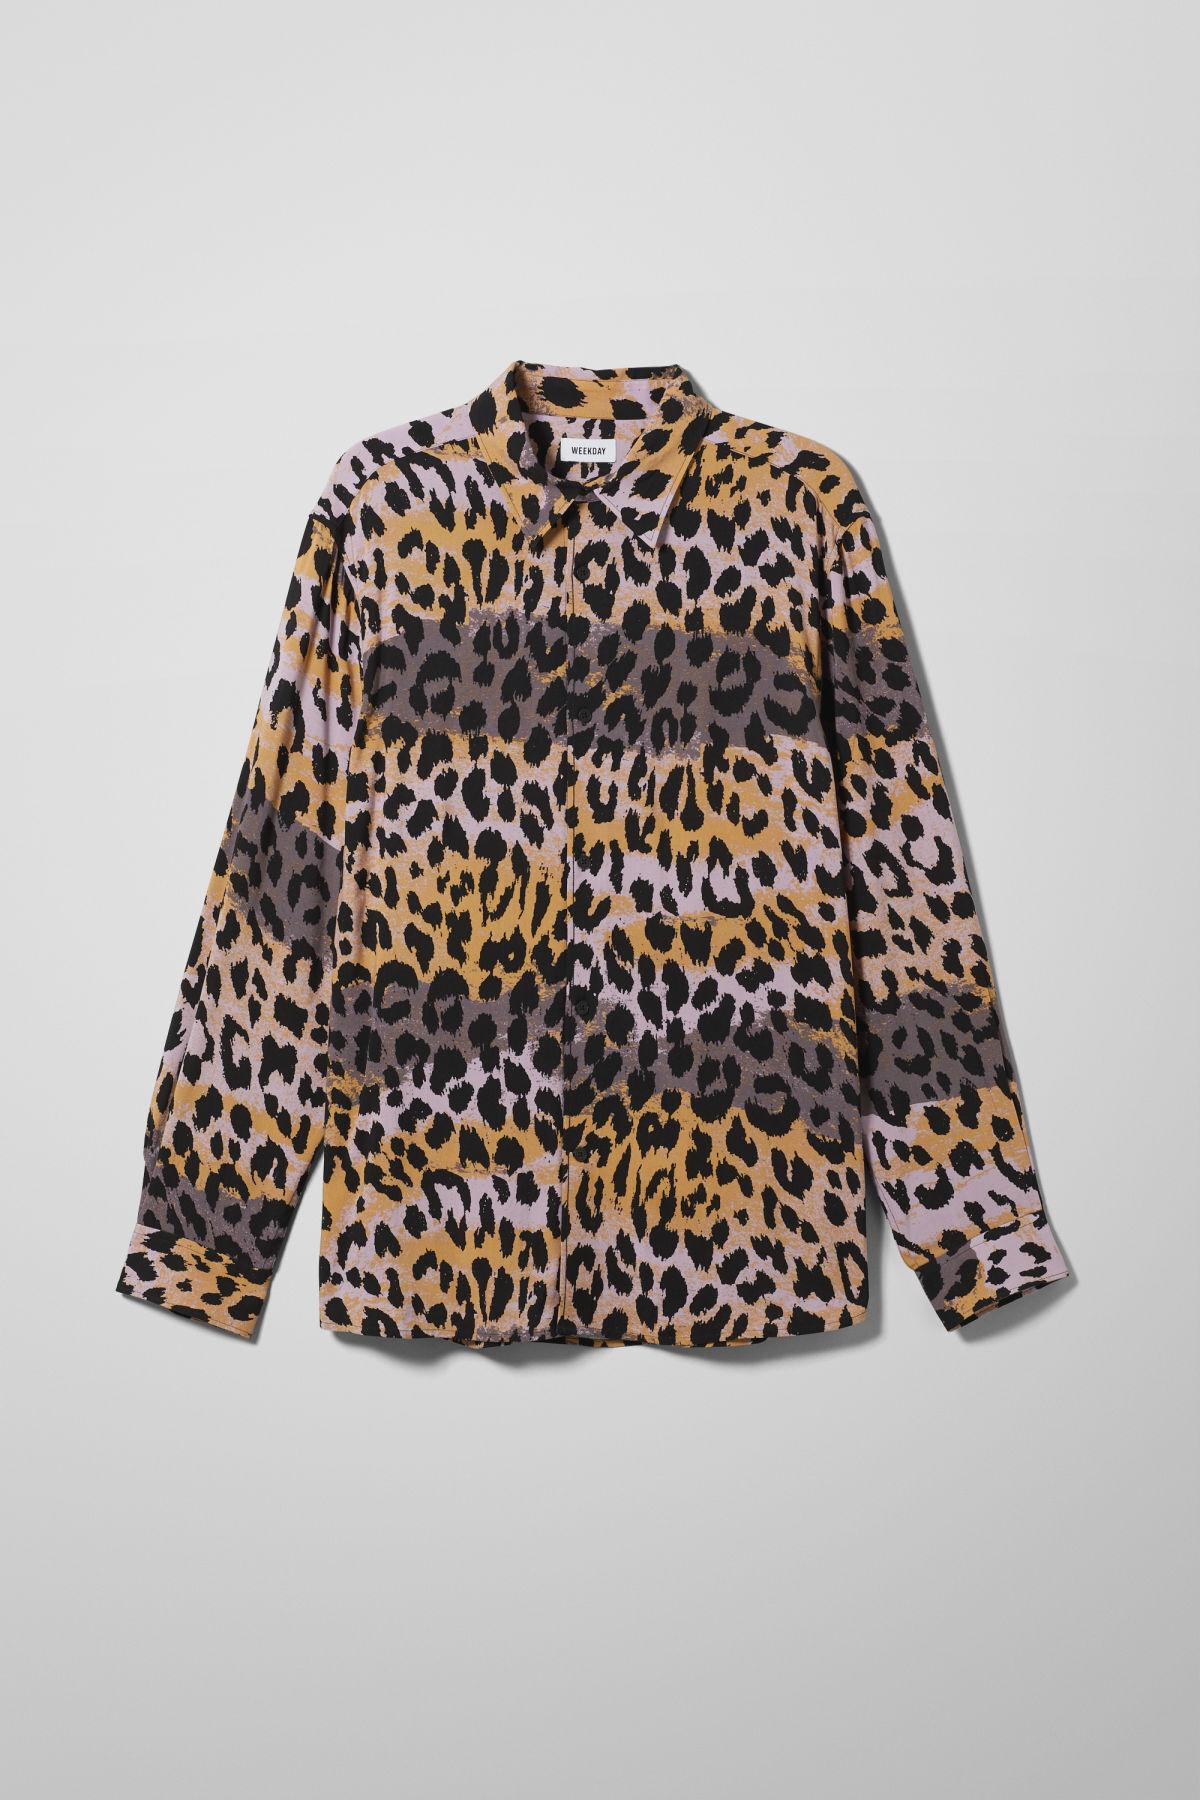 Nino Leo Splash Shirt - Yellow-XL